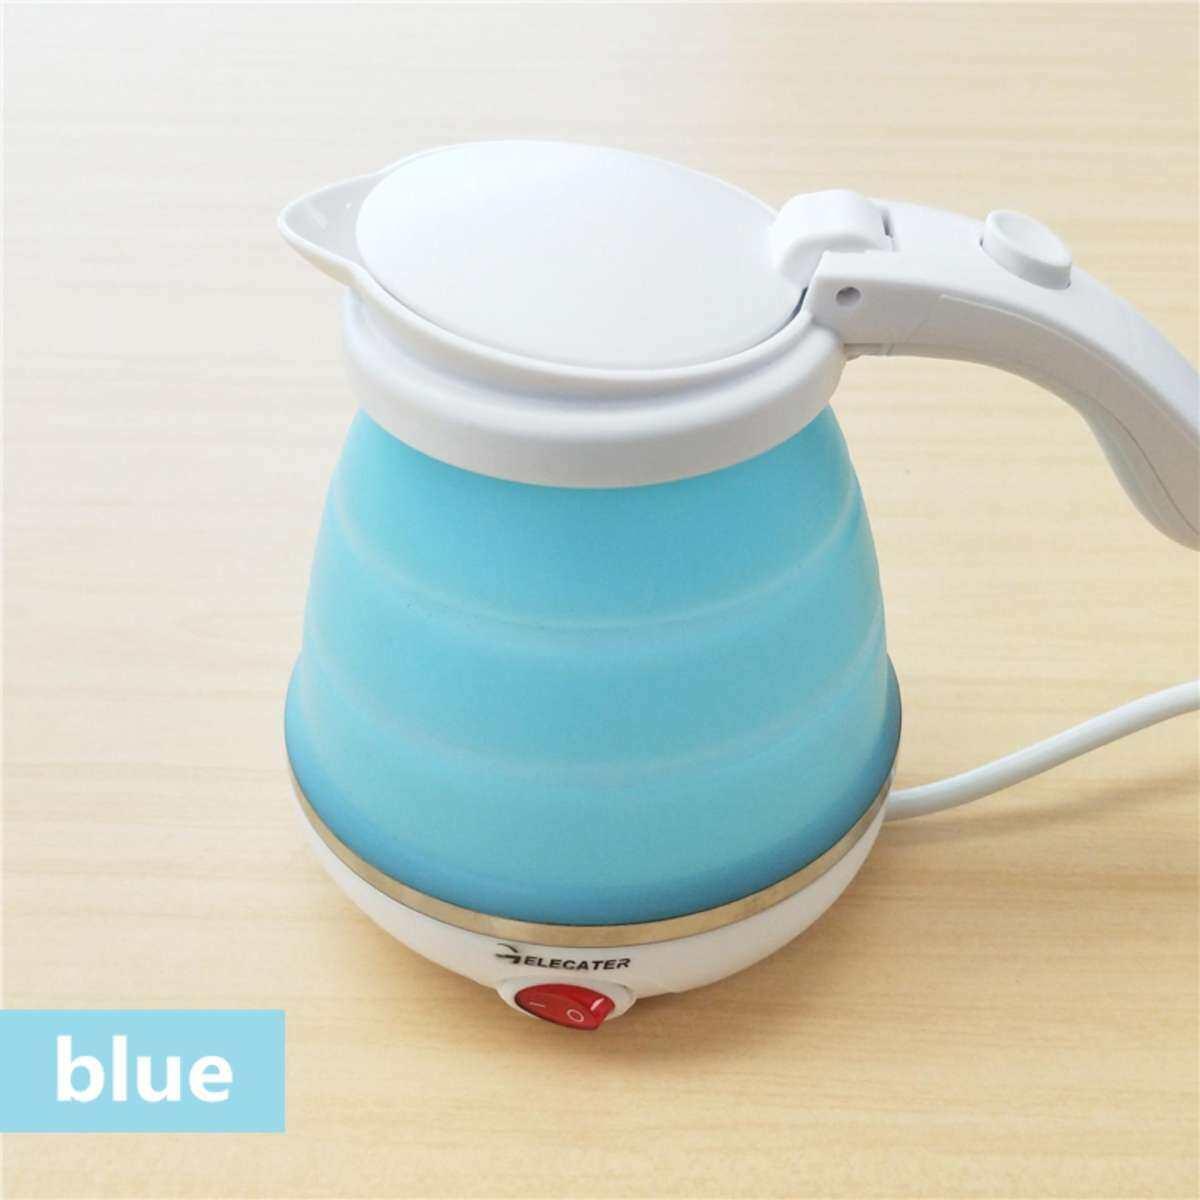 Collapsible Dual Voltage Mini Travel Kettle, 0.5 Litre, 800 W, Blue